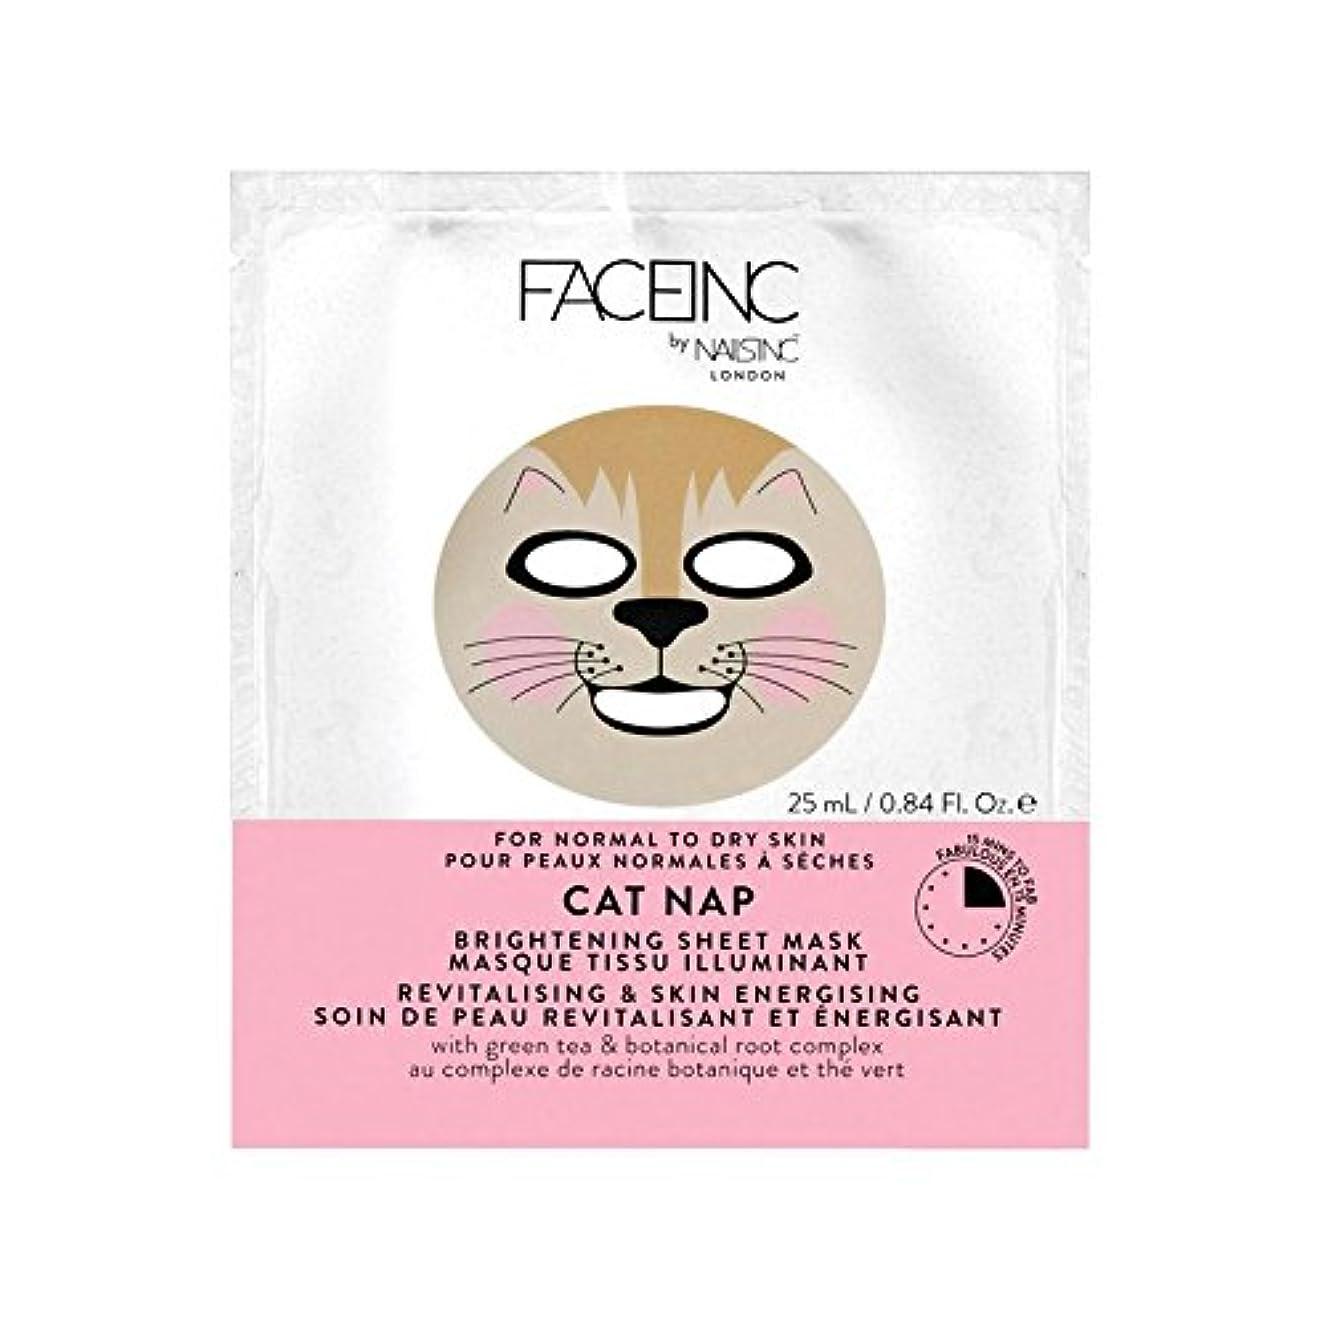 実験をする水平ハンマー爪が株式会社顔猫の昼寝用マスク x2 - Nails Inc. Face Inc Cat Nap Mask (Pack of 2) [並行輸入品]